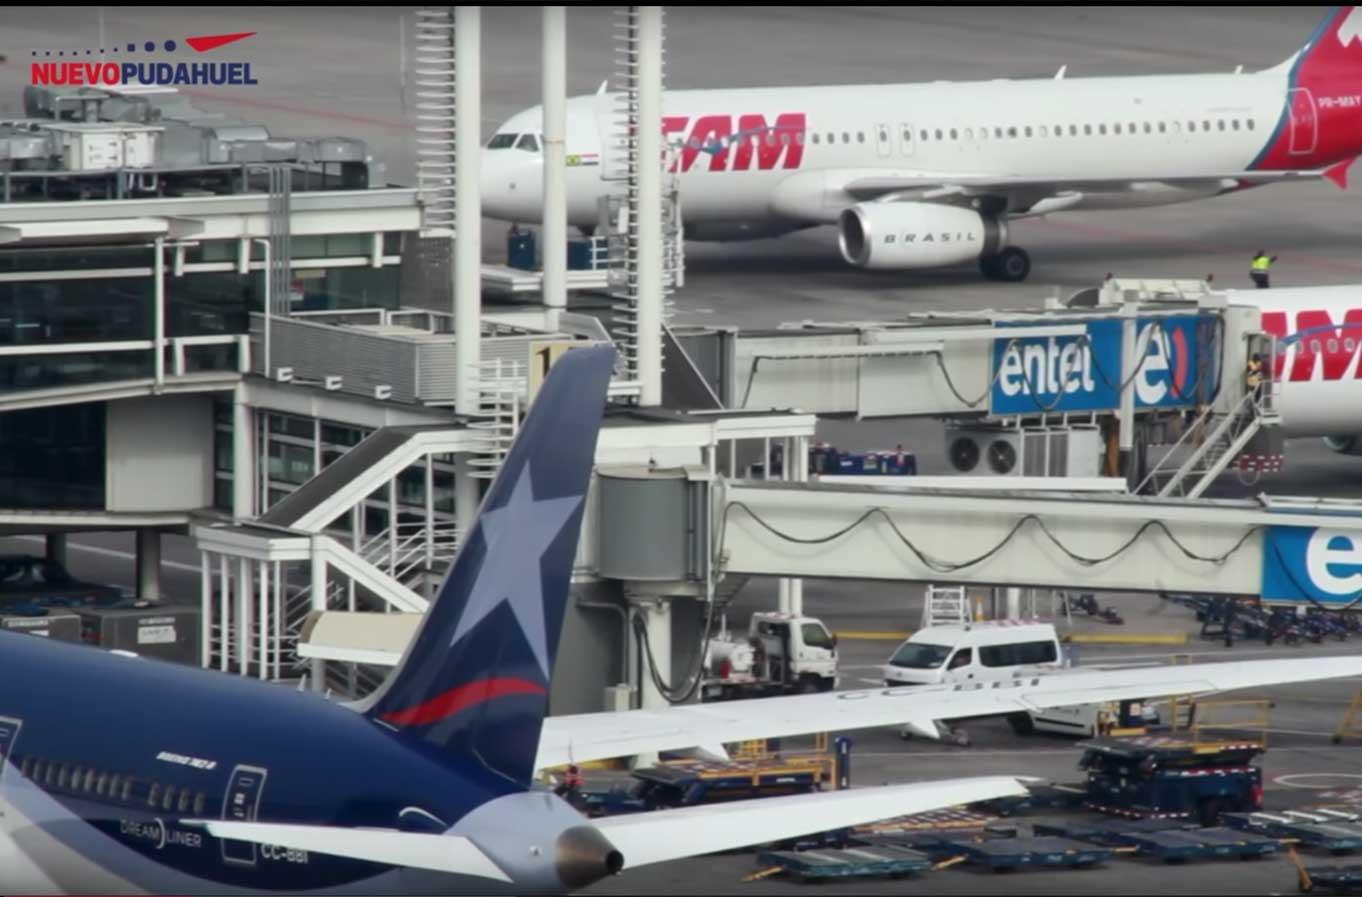 Mejoras en Aeropuerto Pudahuel: se inaugura nueva salida internacional